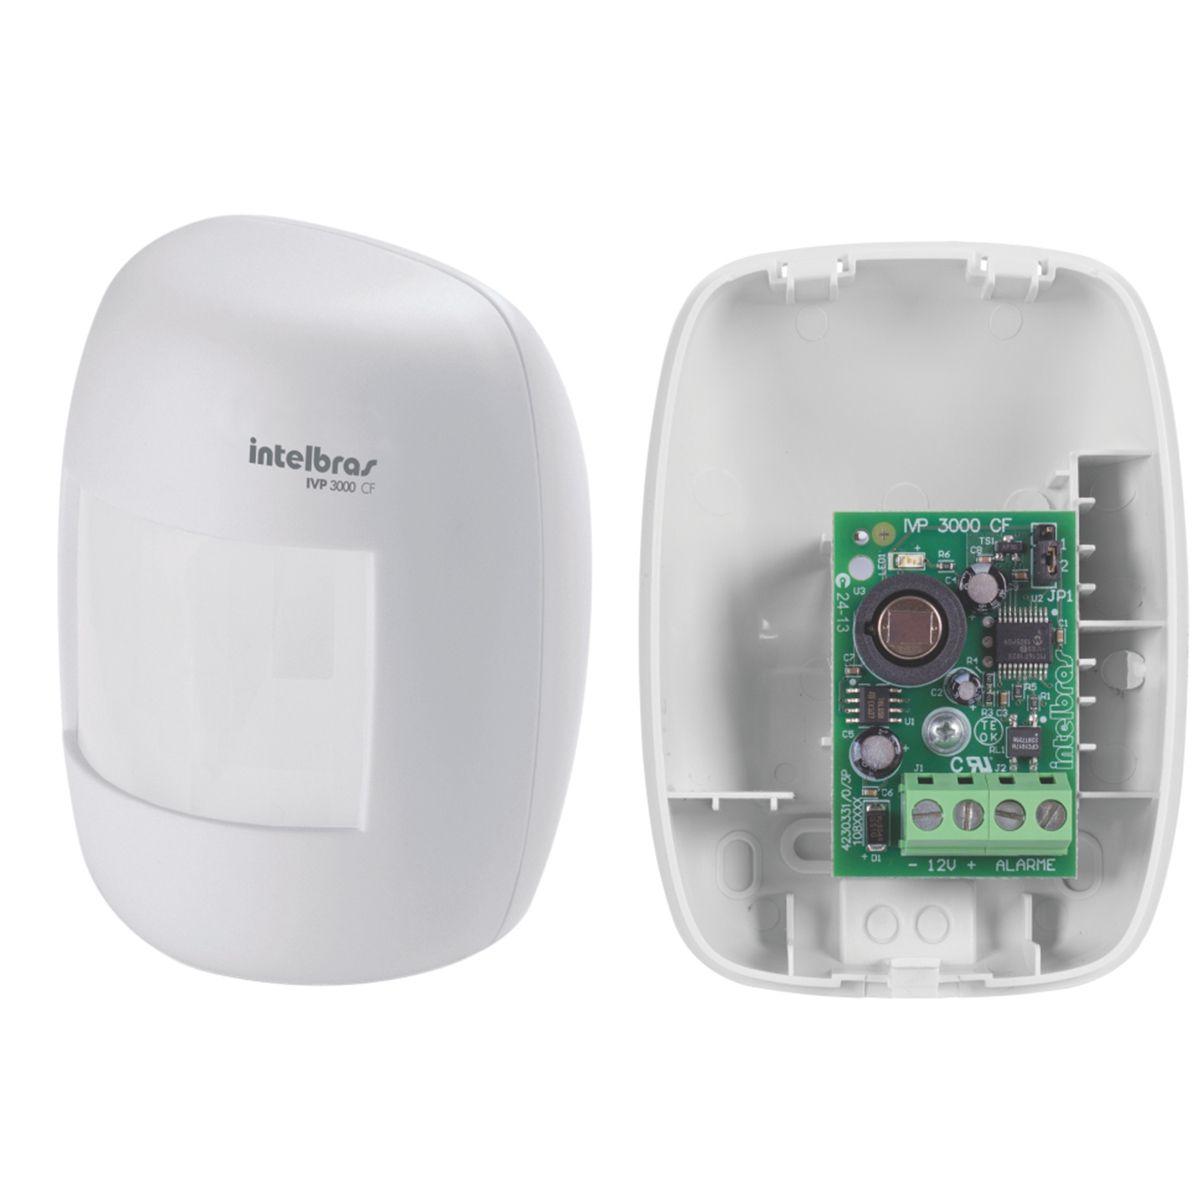 Kit de Sensores Intelbras Com 10 Sensores Com Fio Intelbras IVP 3000 CF